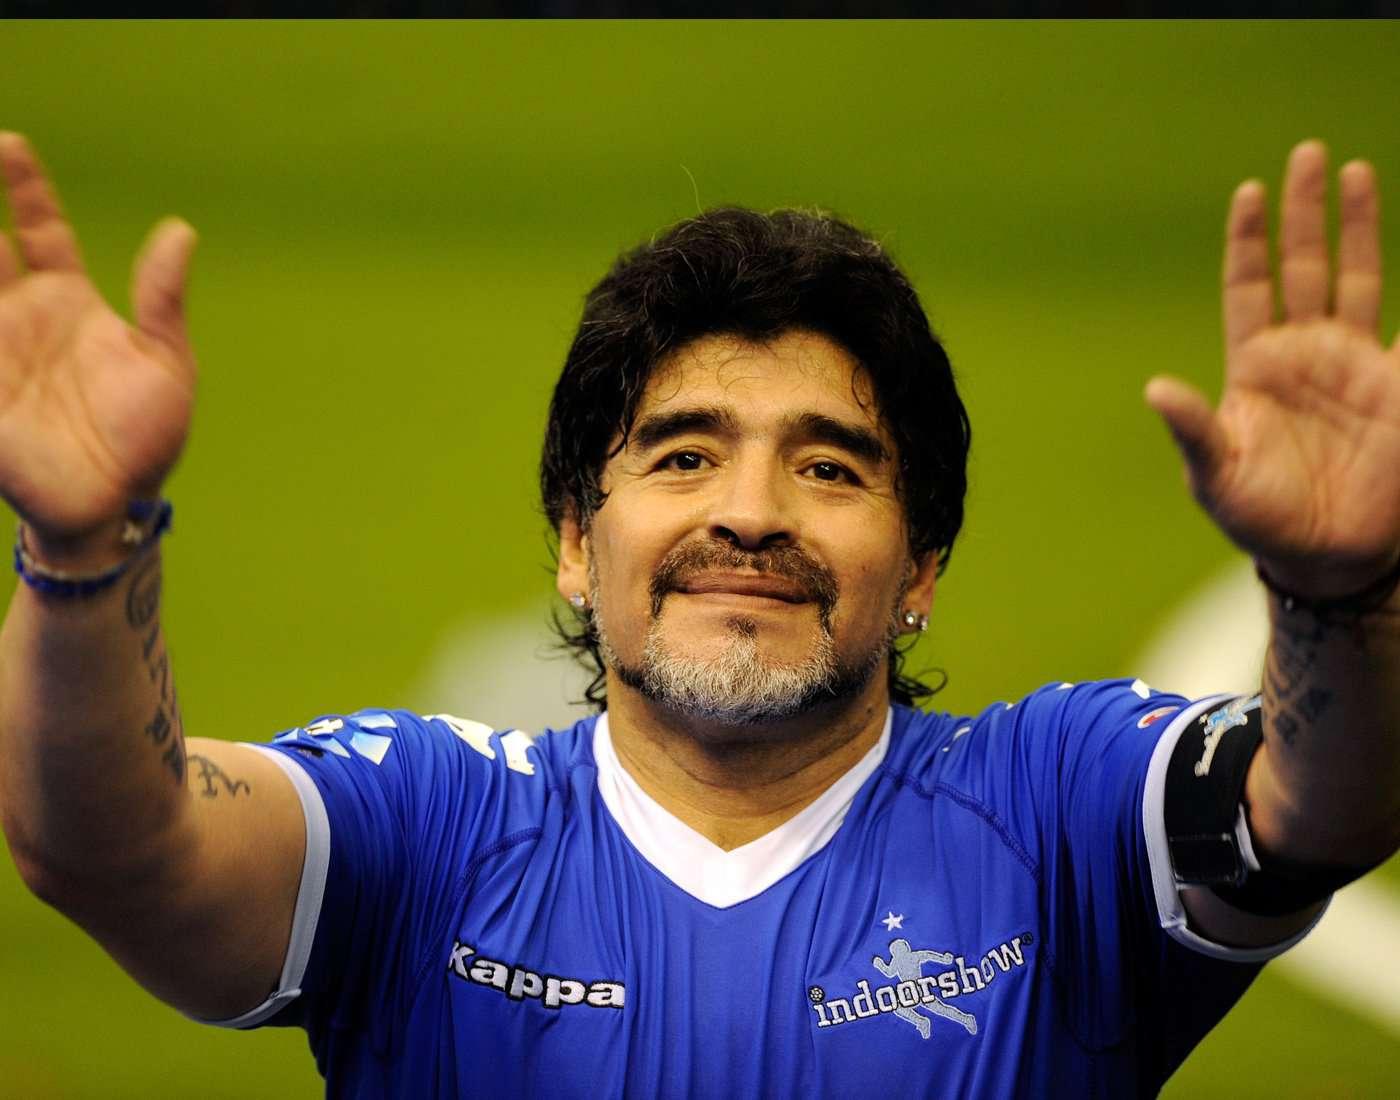 maradona - photo #10